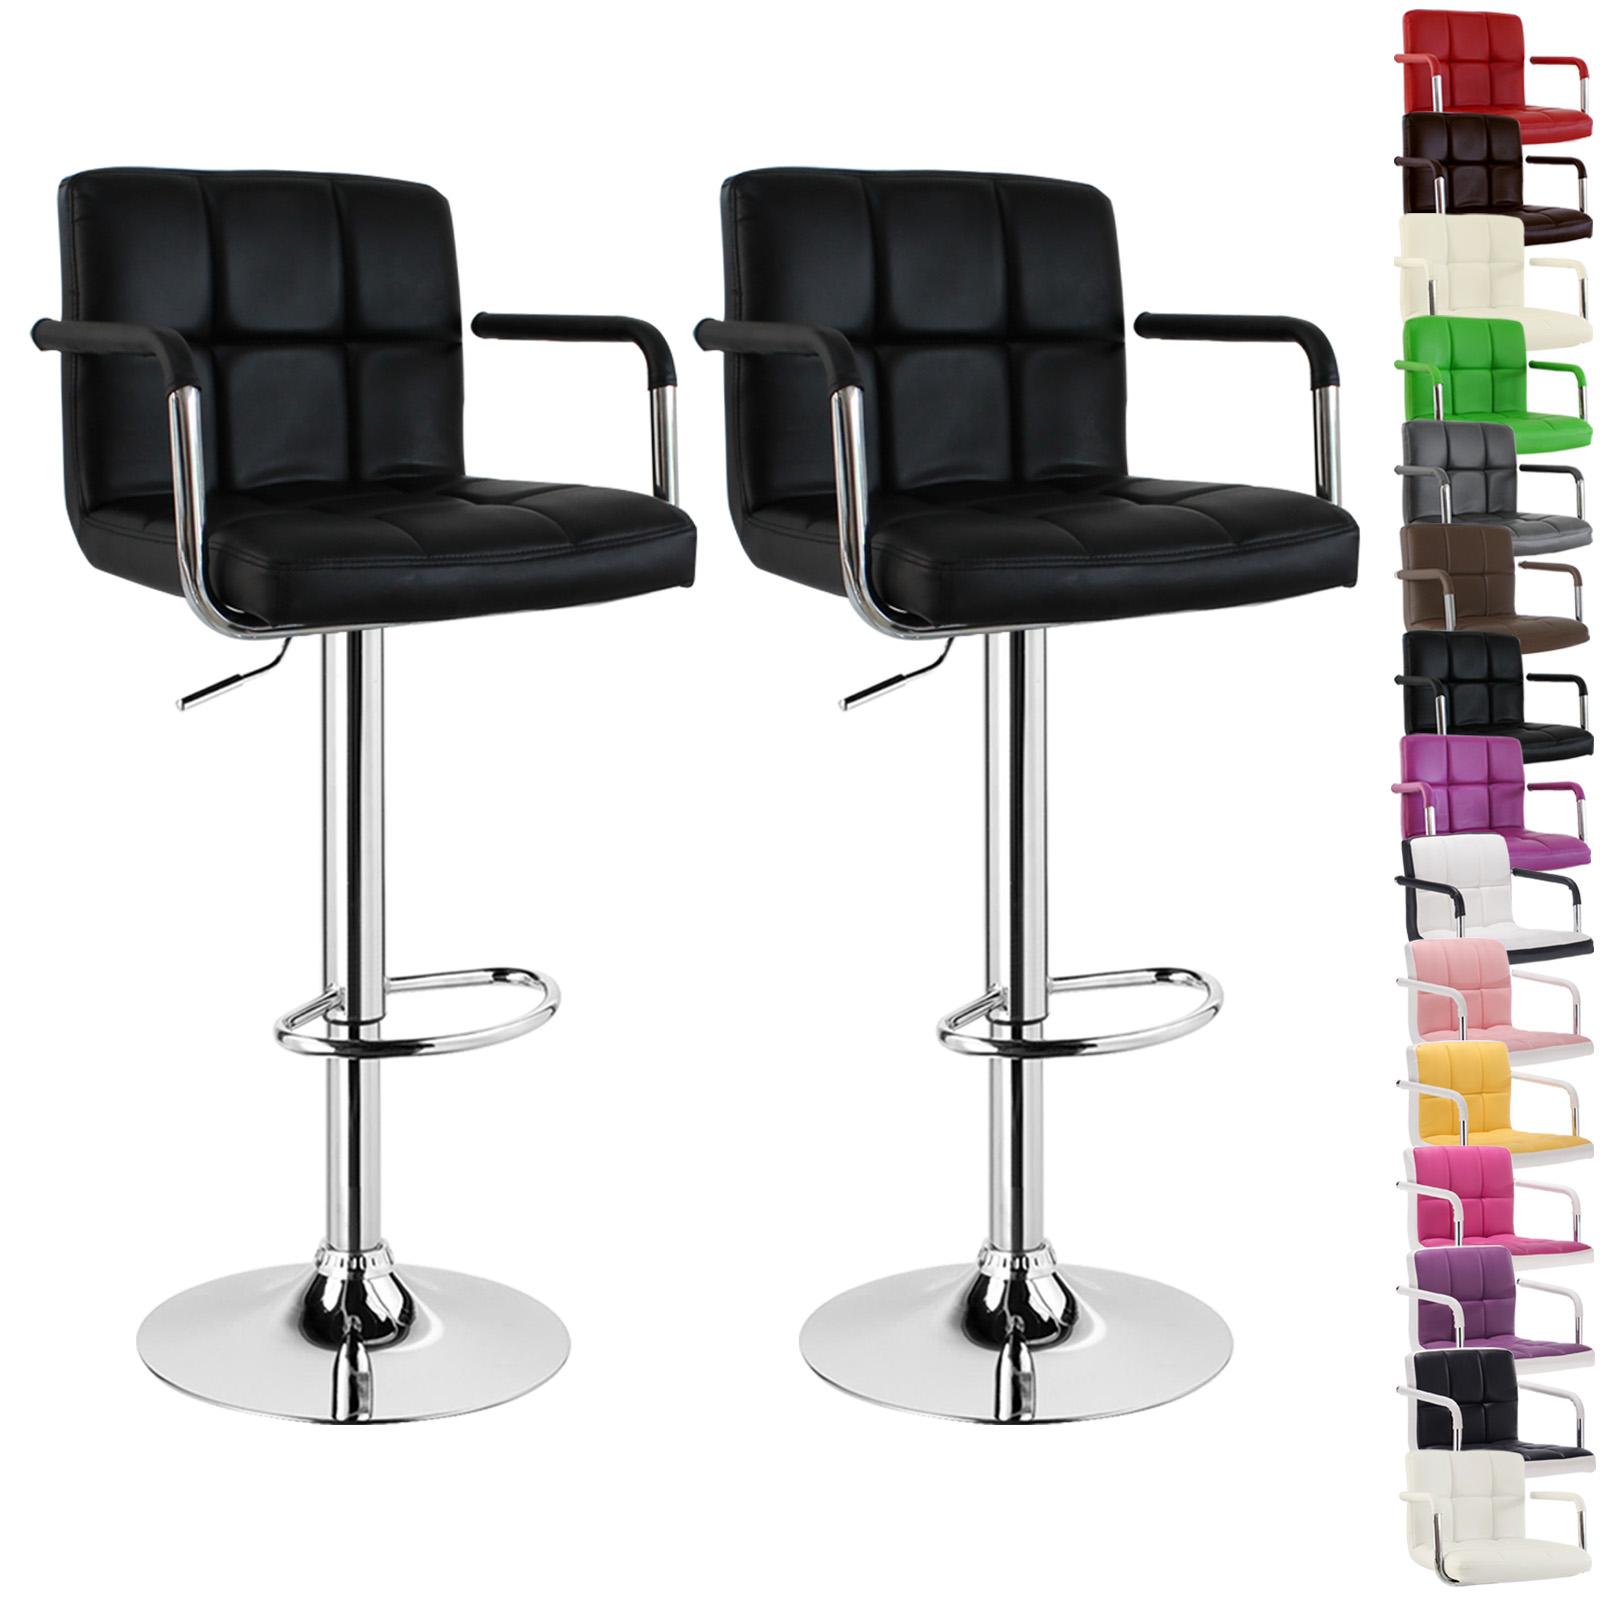 barhocker barstuhl barsessel kunstleder tresenhocker bar. Black Bedroom Furniture Sets. Home Design Ideas